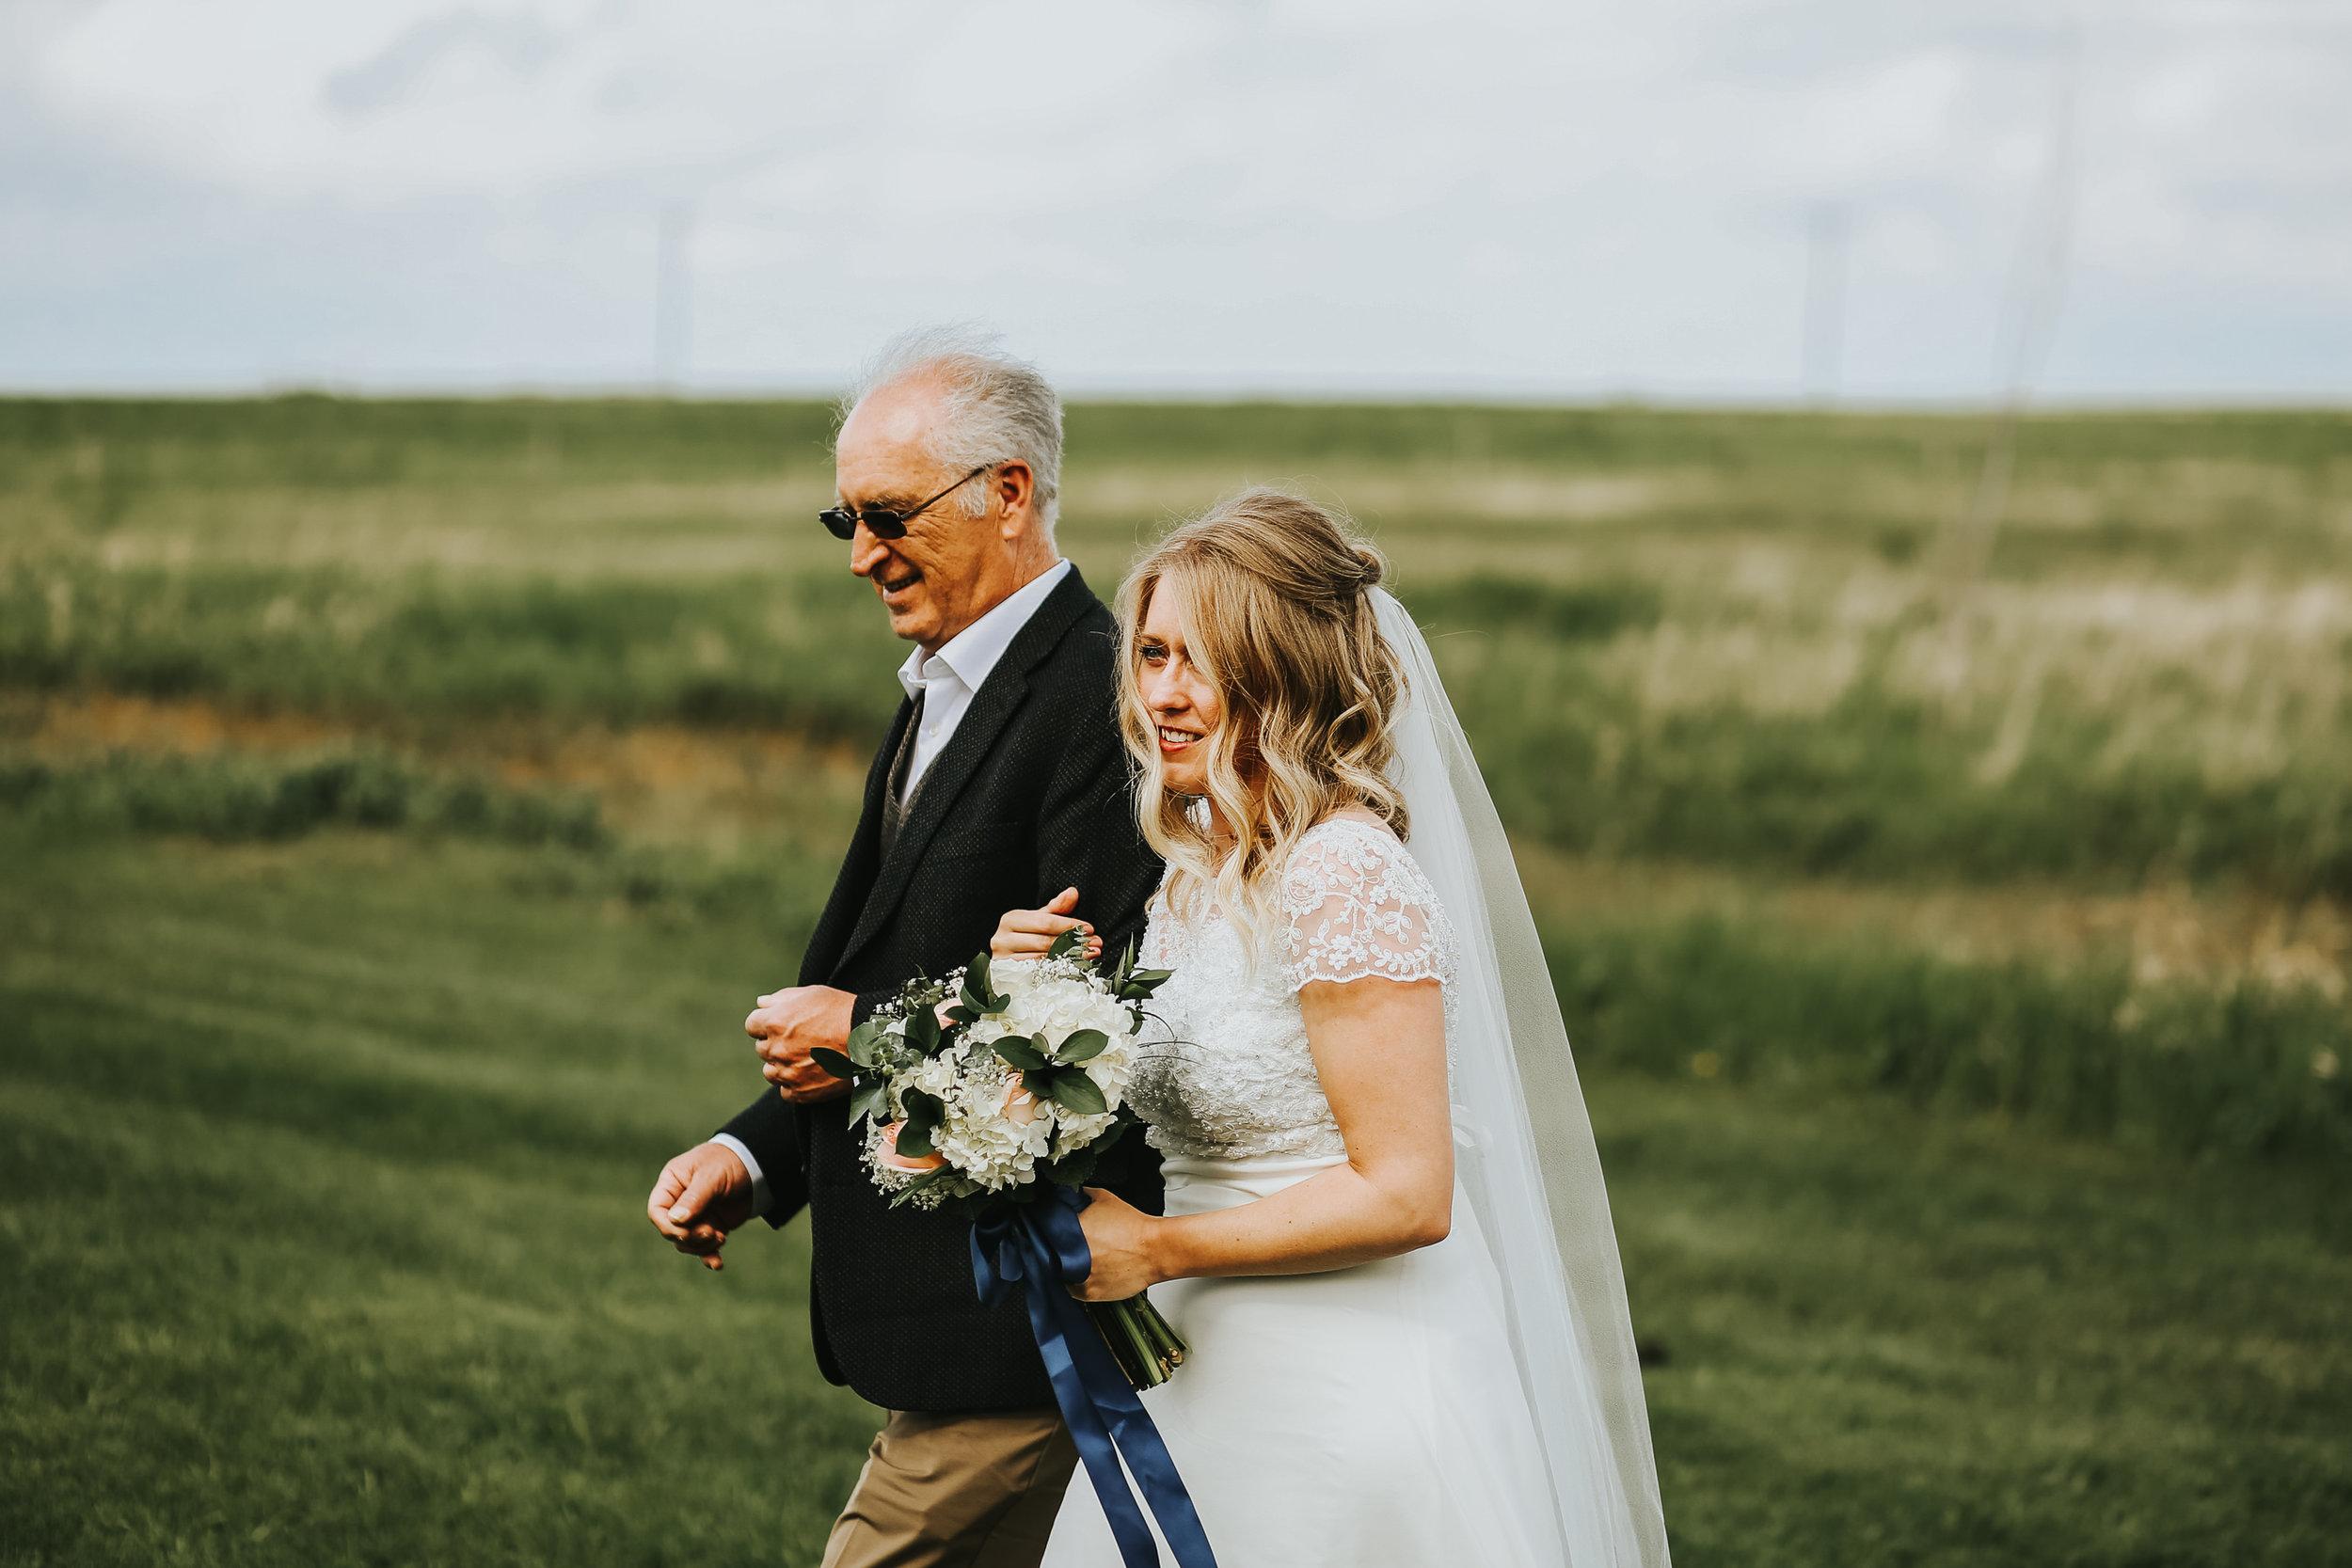 The-Gathered-Farm-Wedding-29